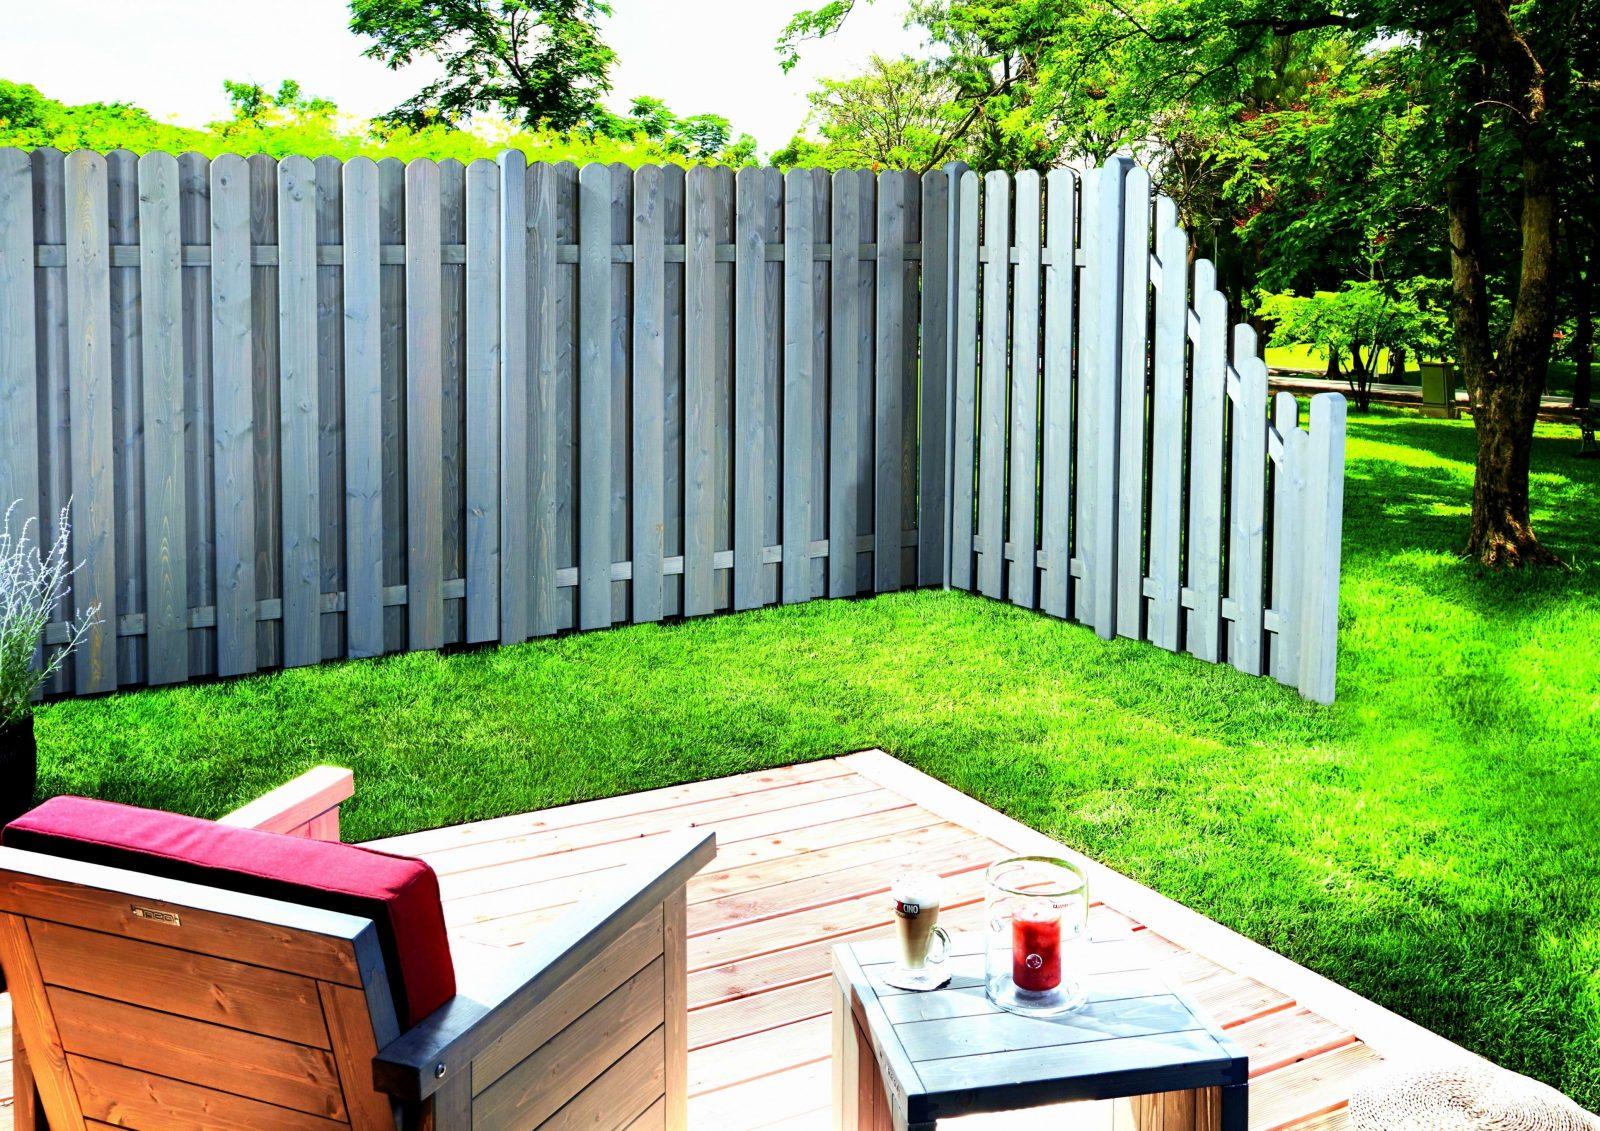 Sichtschutz Garten Ideen Günstig Frisch 42 Genial Sichtschutzzaun von Sichtschutz Garten Ideen Günstig Bild